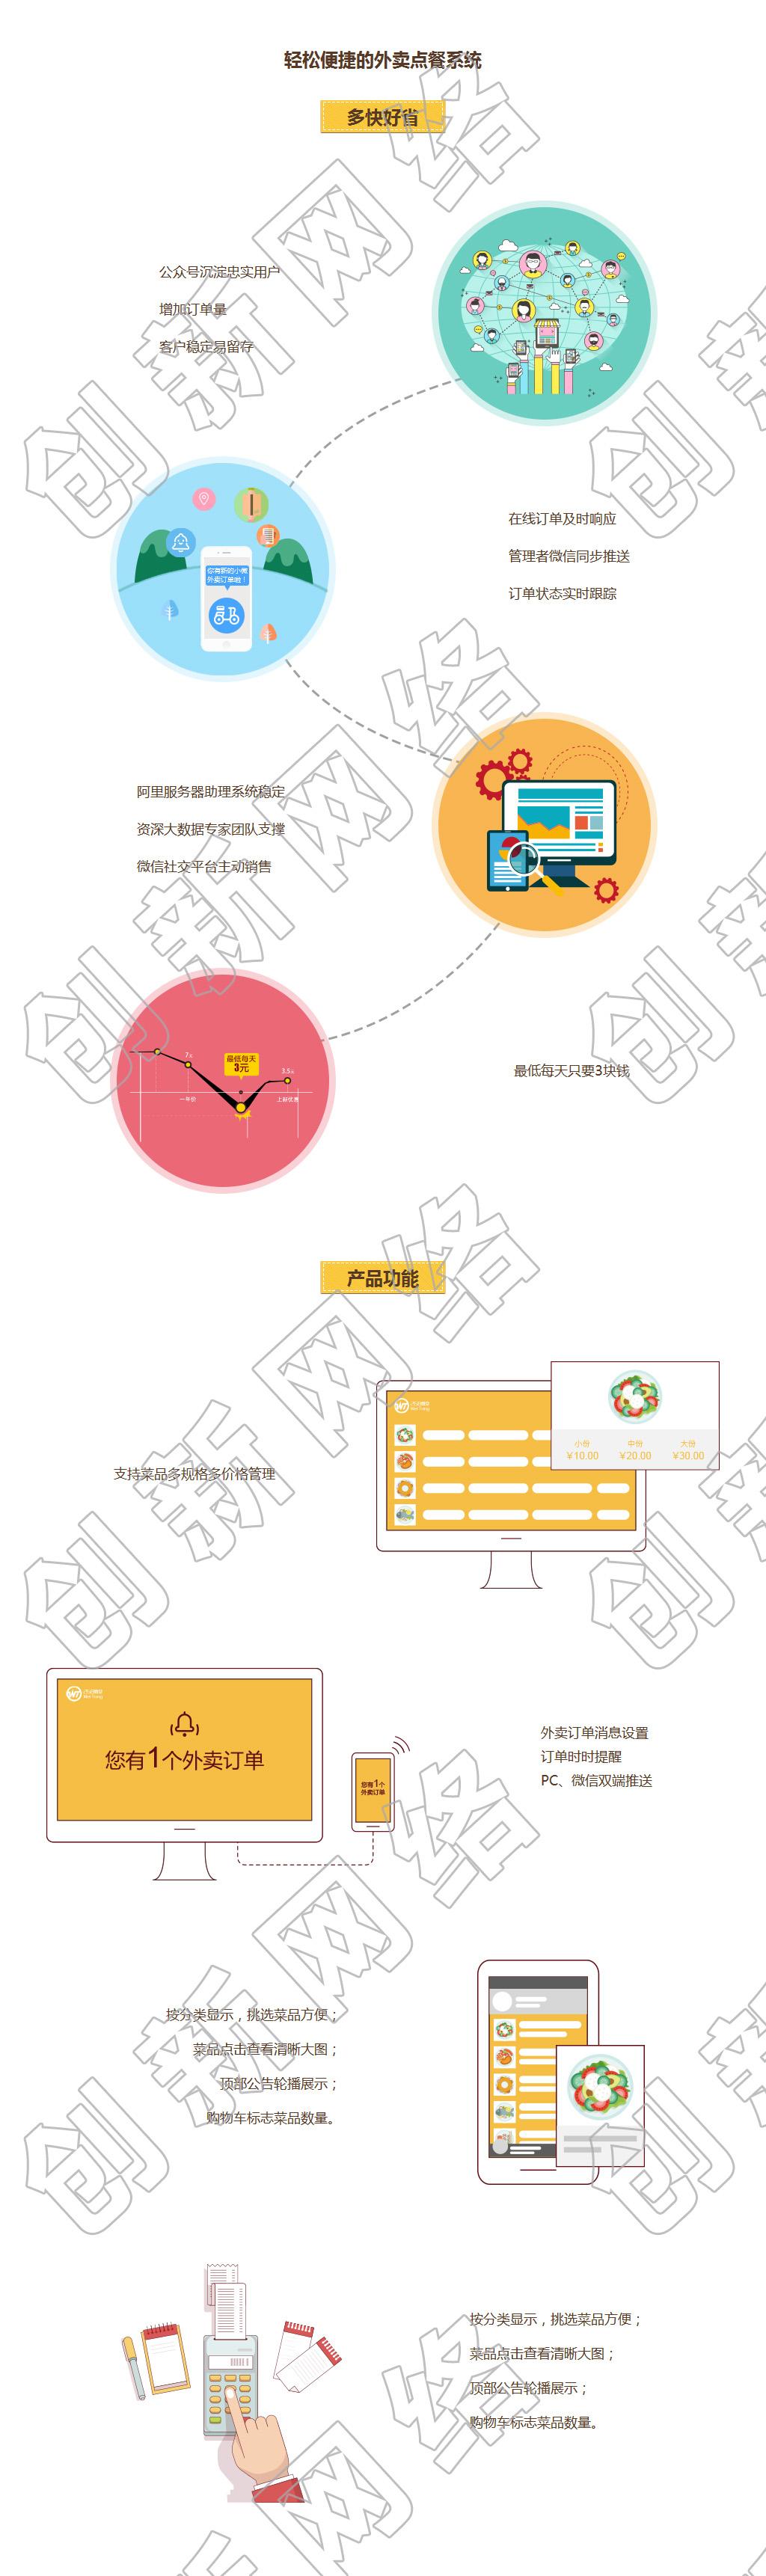 漳州微信營銷